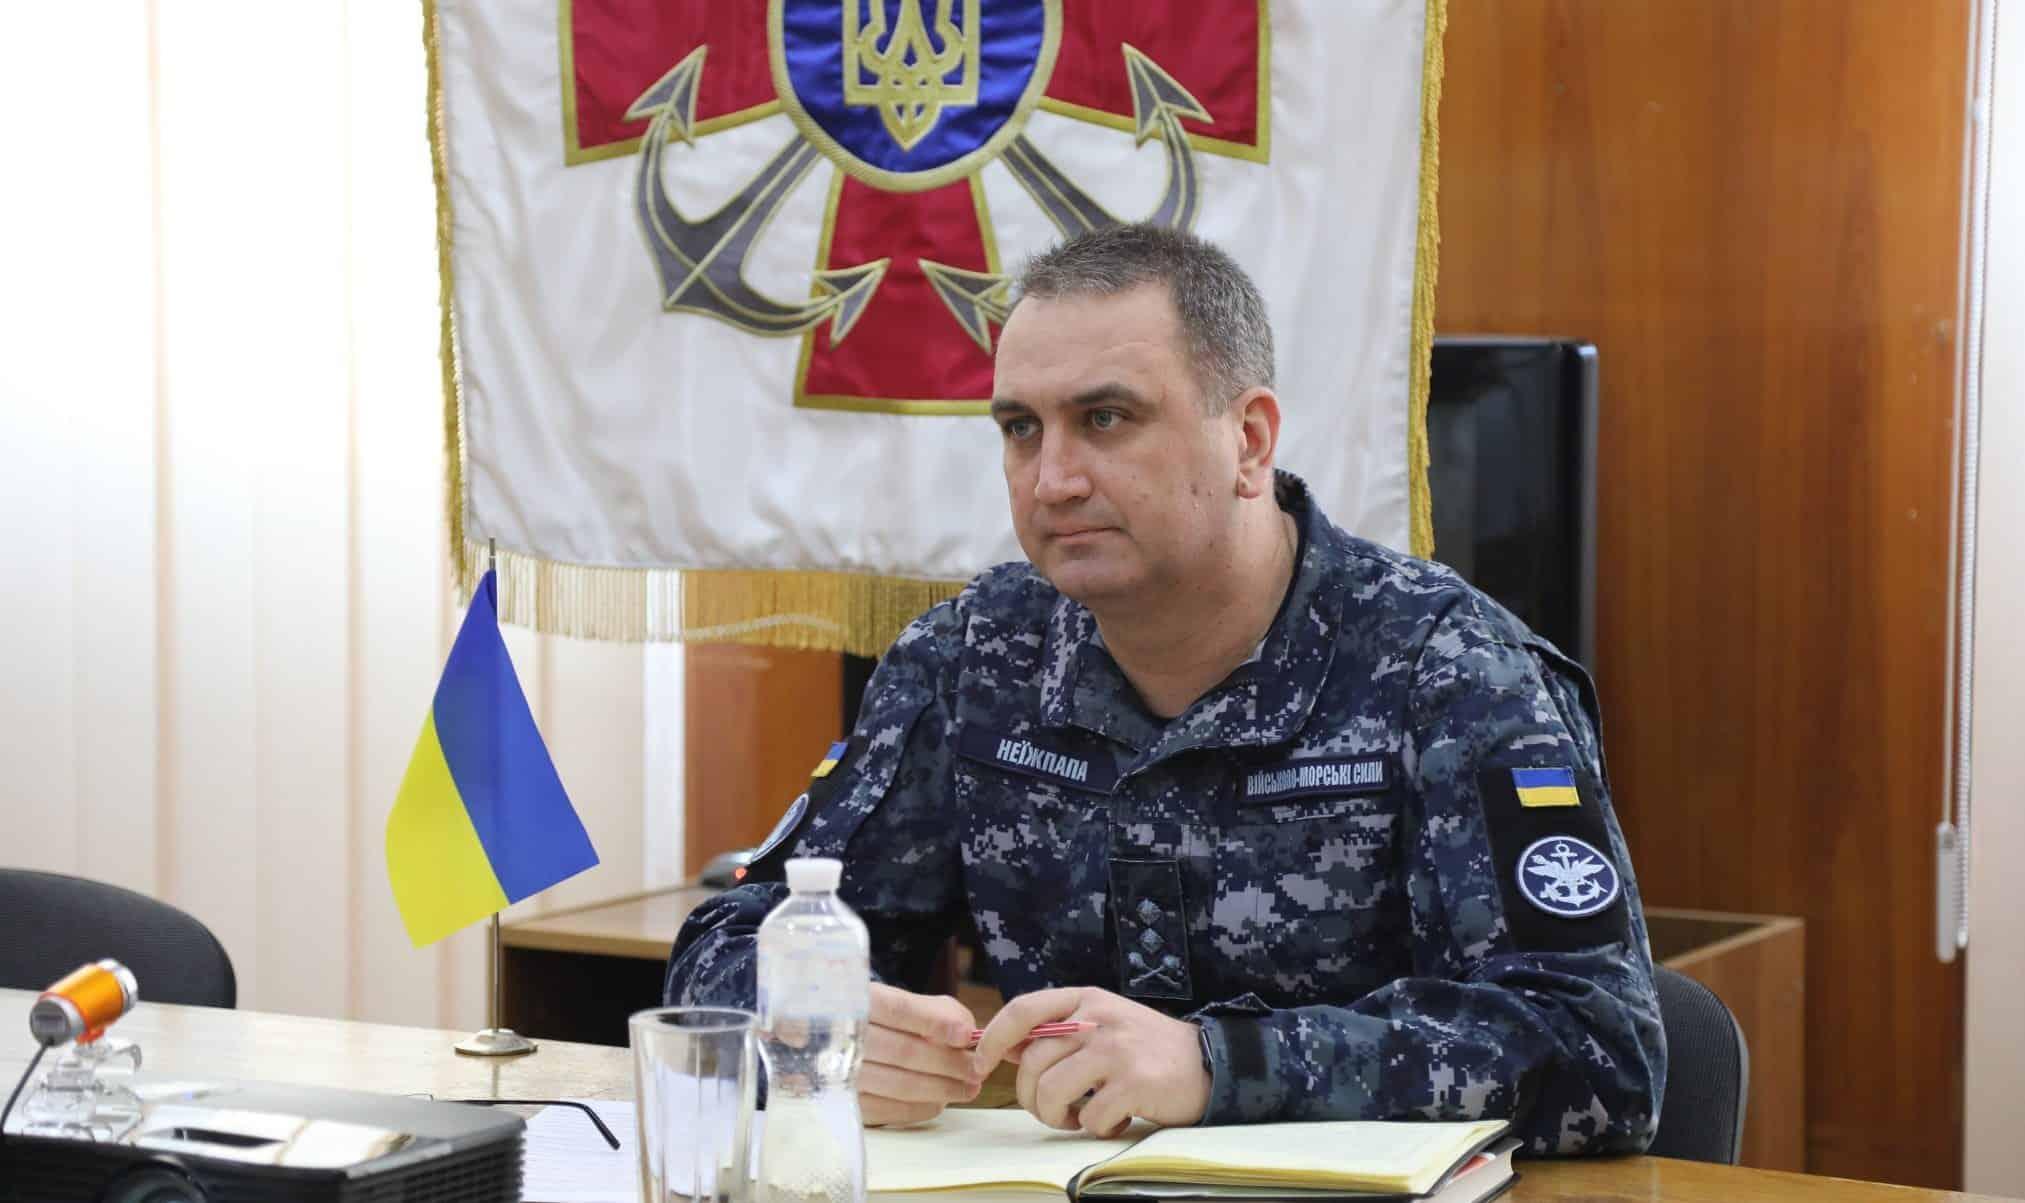 Командувач ВМС України контрадмірал Олексій Неїжпапа. Фото: ВМС ЗСУ